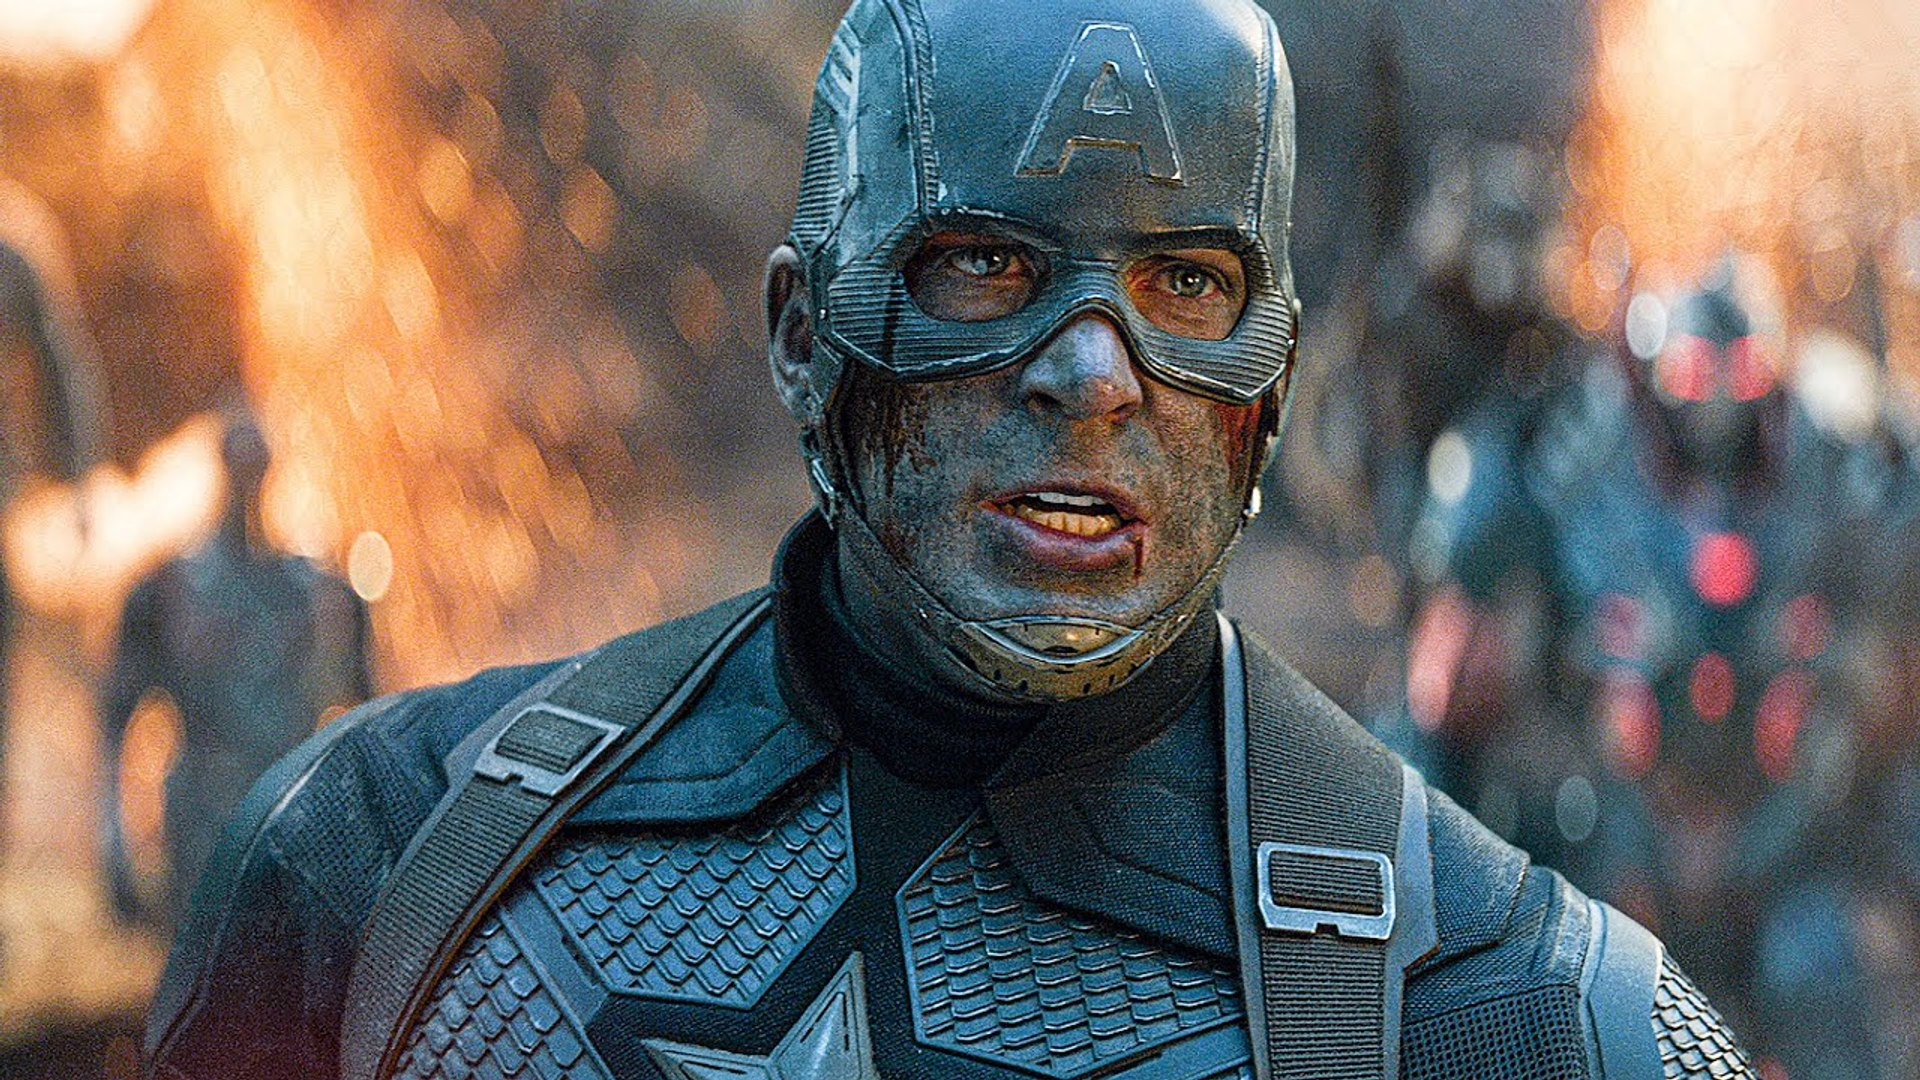 Avengers Vs Thanos - Final Fight Scene - Avengers Assemble - AVENGERS 4 ENDGAME (2019)